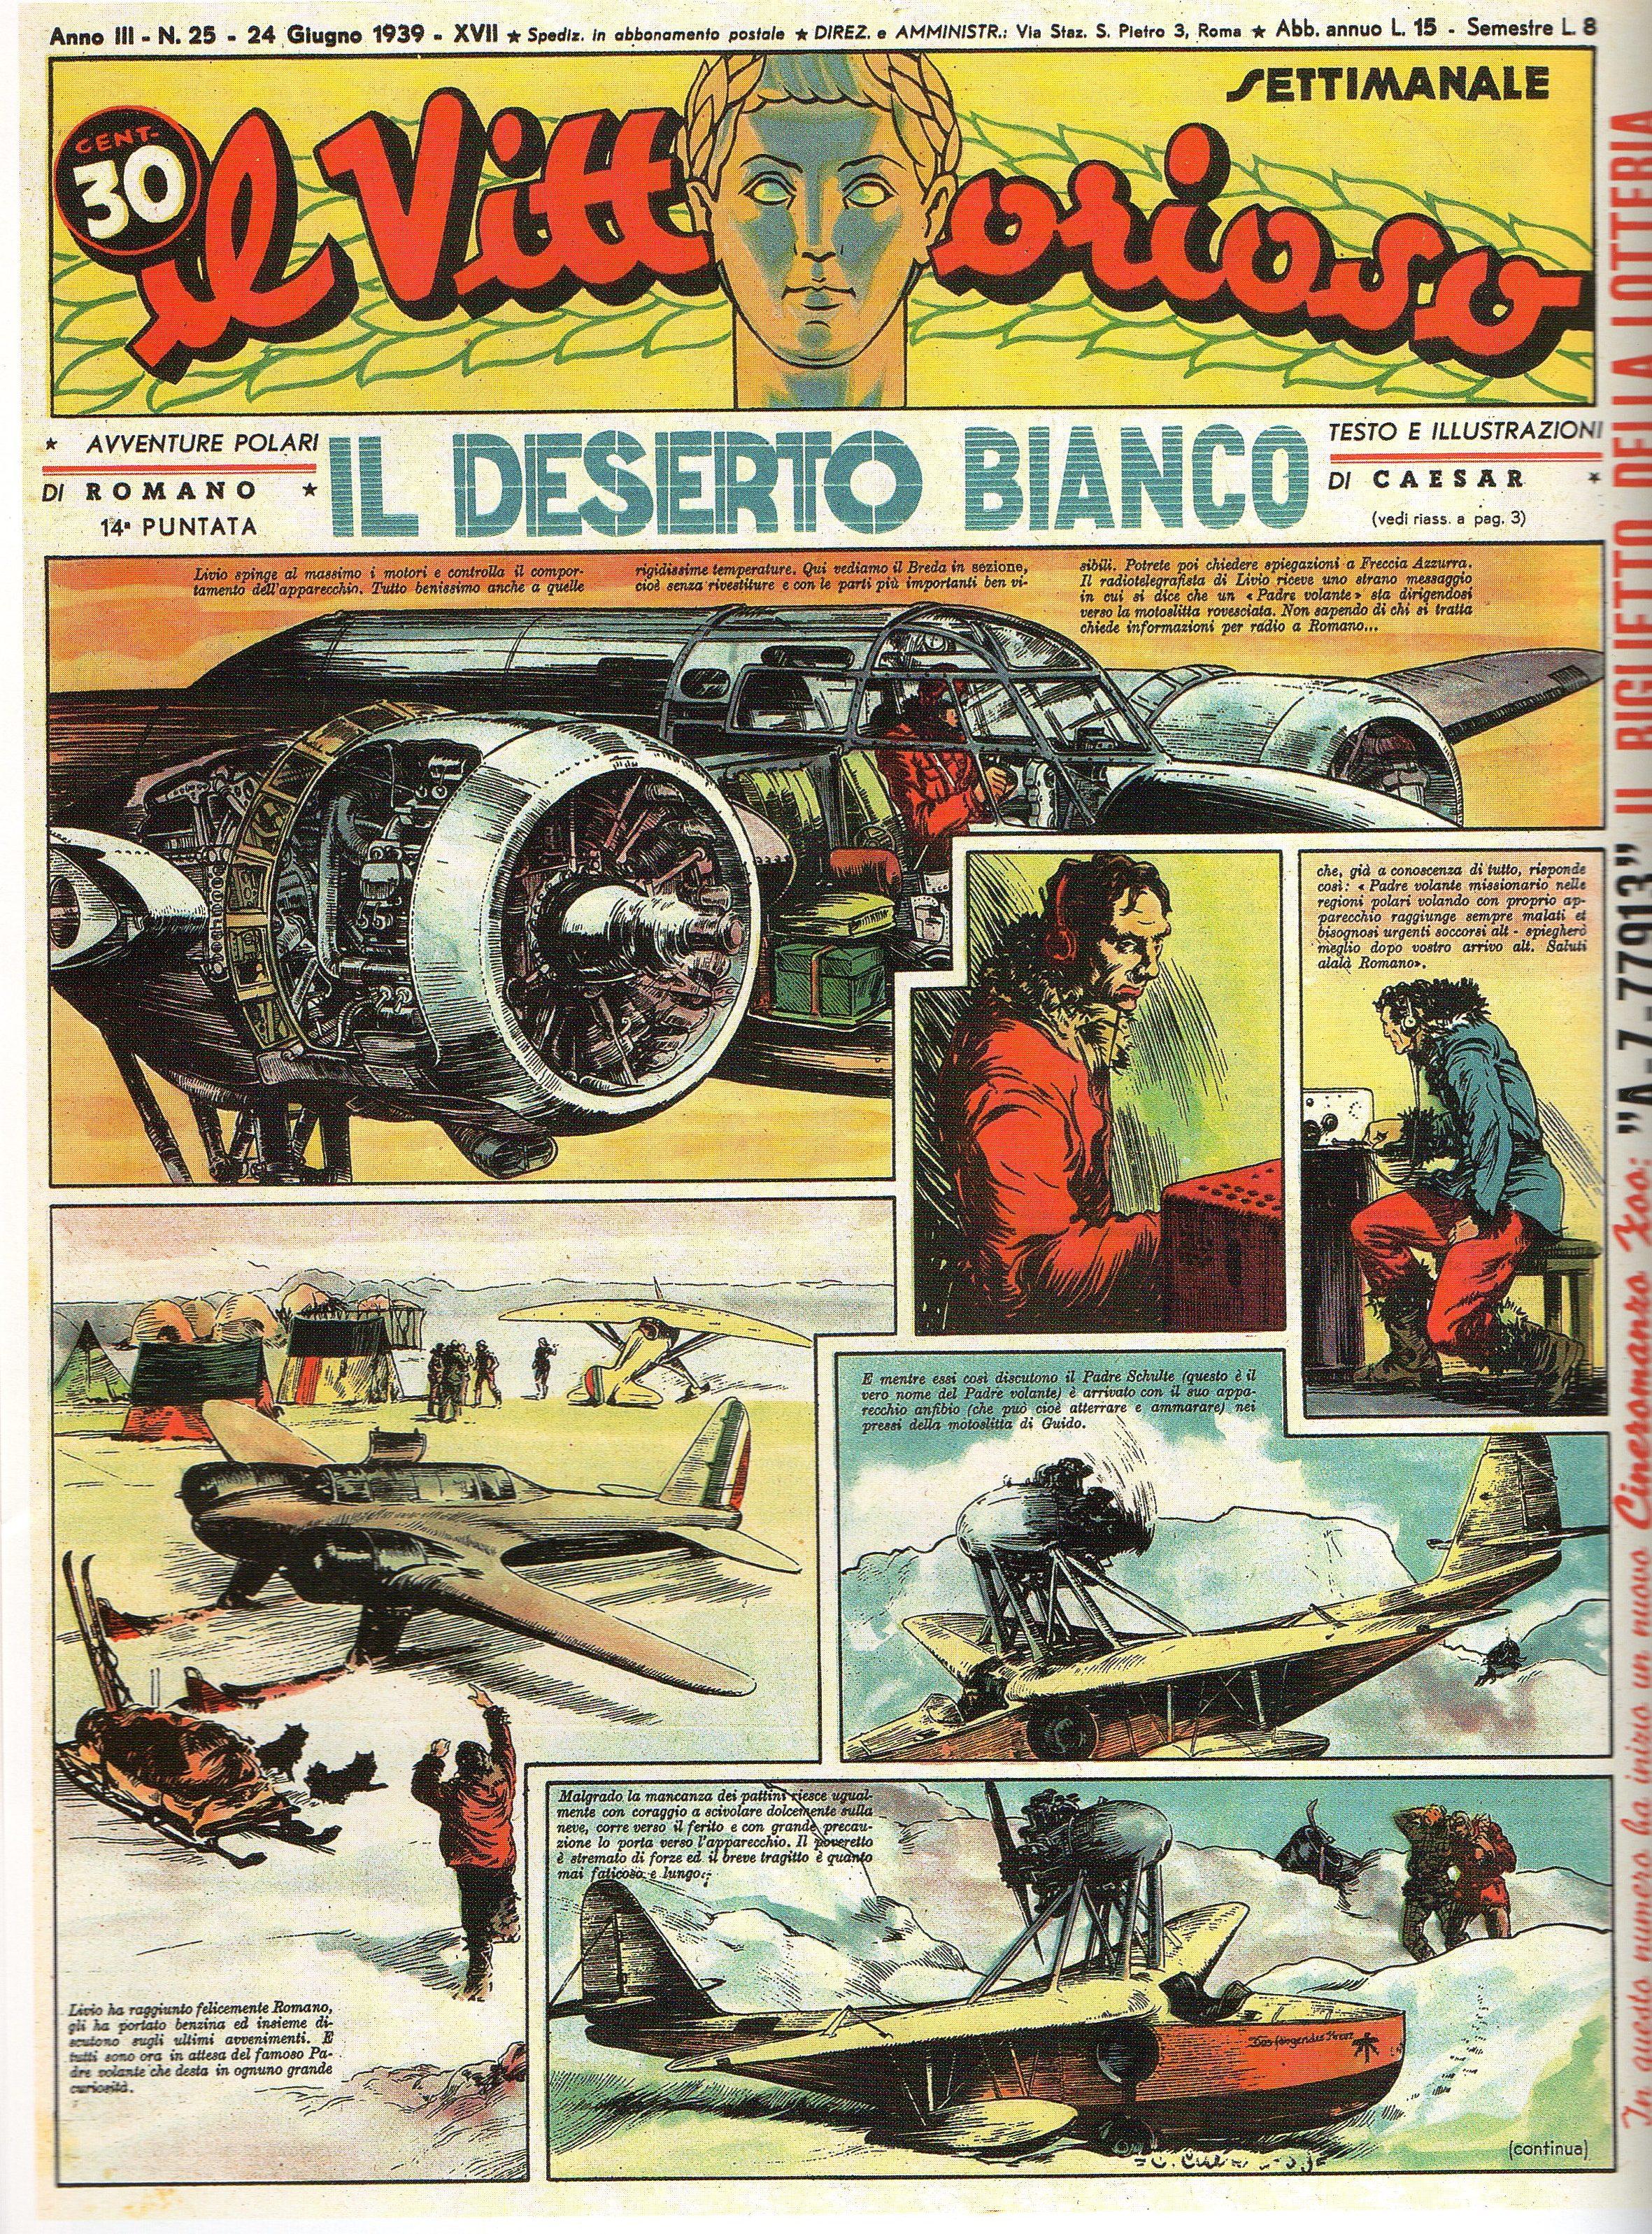 FUMETTO & FASCISMO – LUCE DAL NORD (Le Avventure di Romano, 2a parte – Il Deserto Bianco)